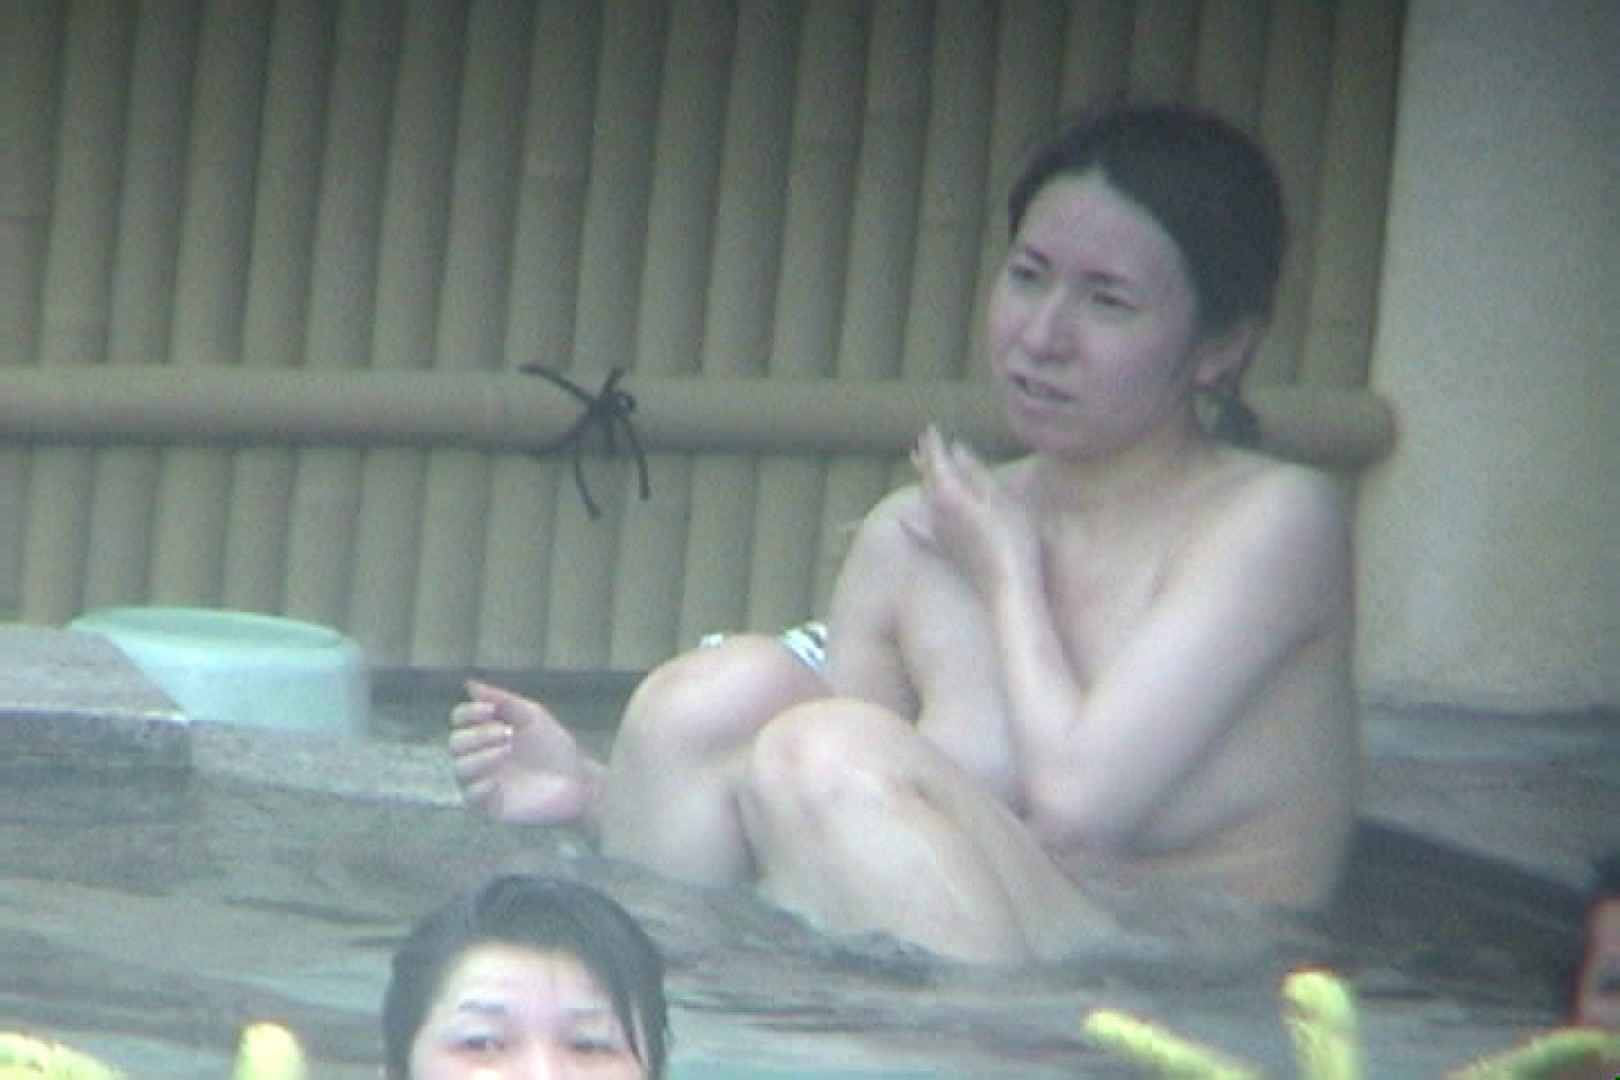 Aquaな露天風呂Vol.106 露天 | 盗撮  51画像 28